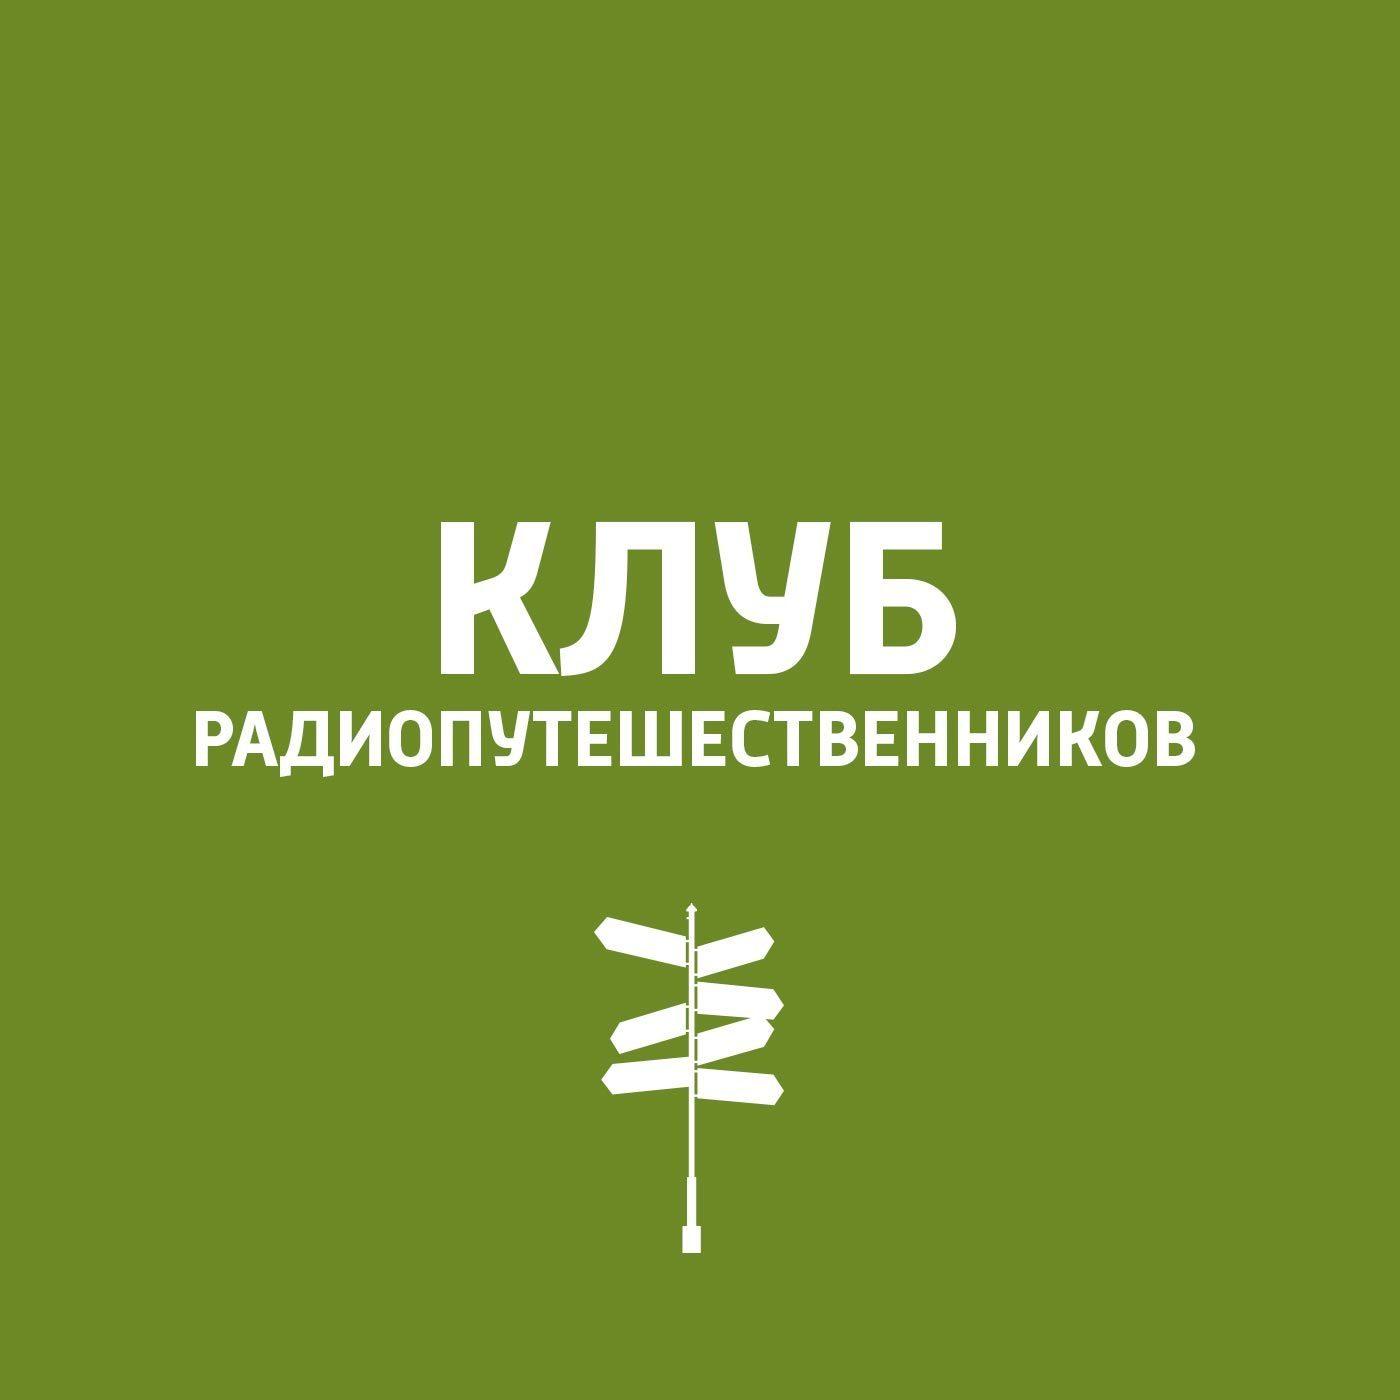 Пётр Фадеев Рязань